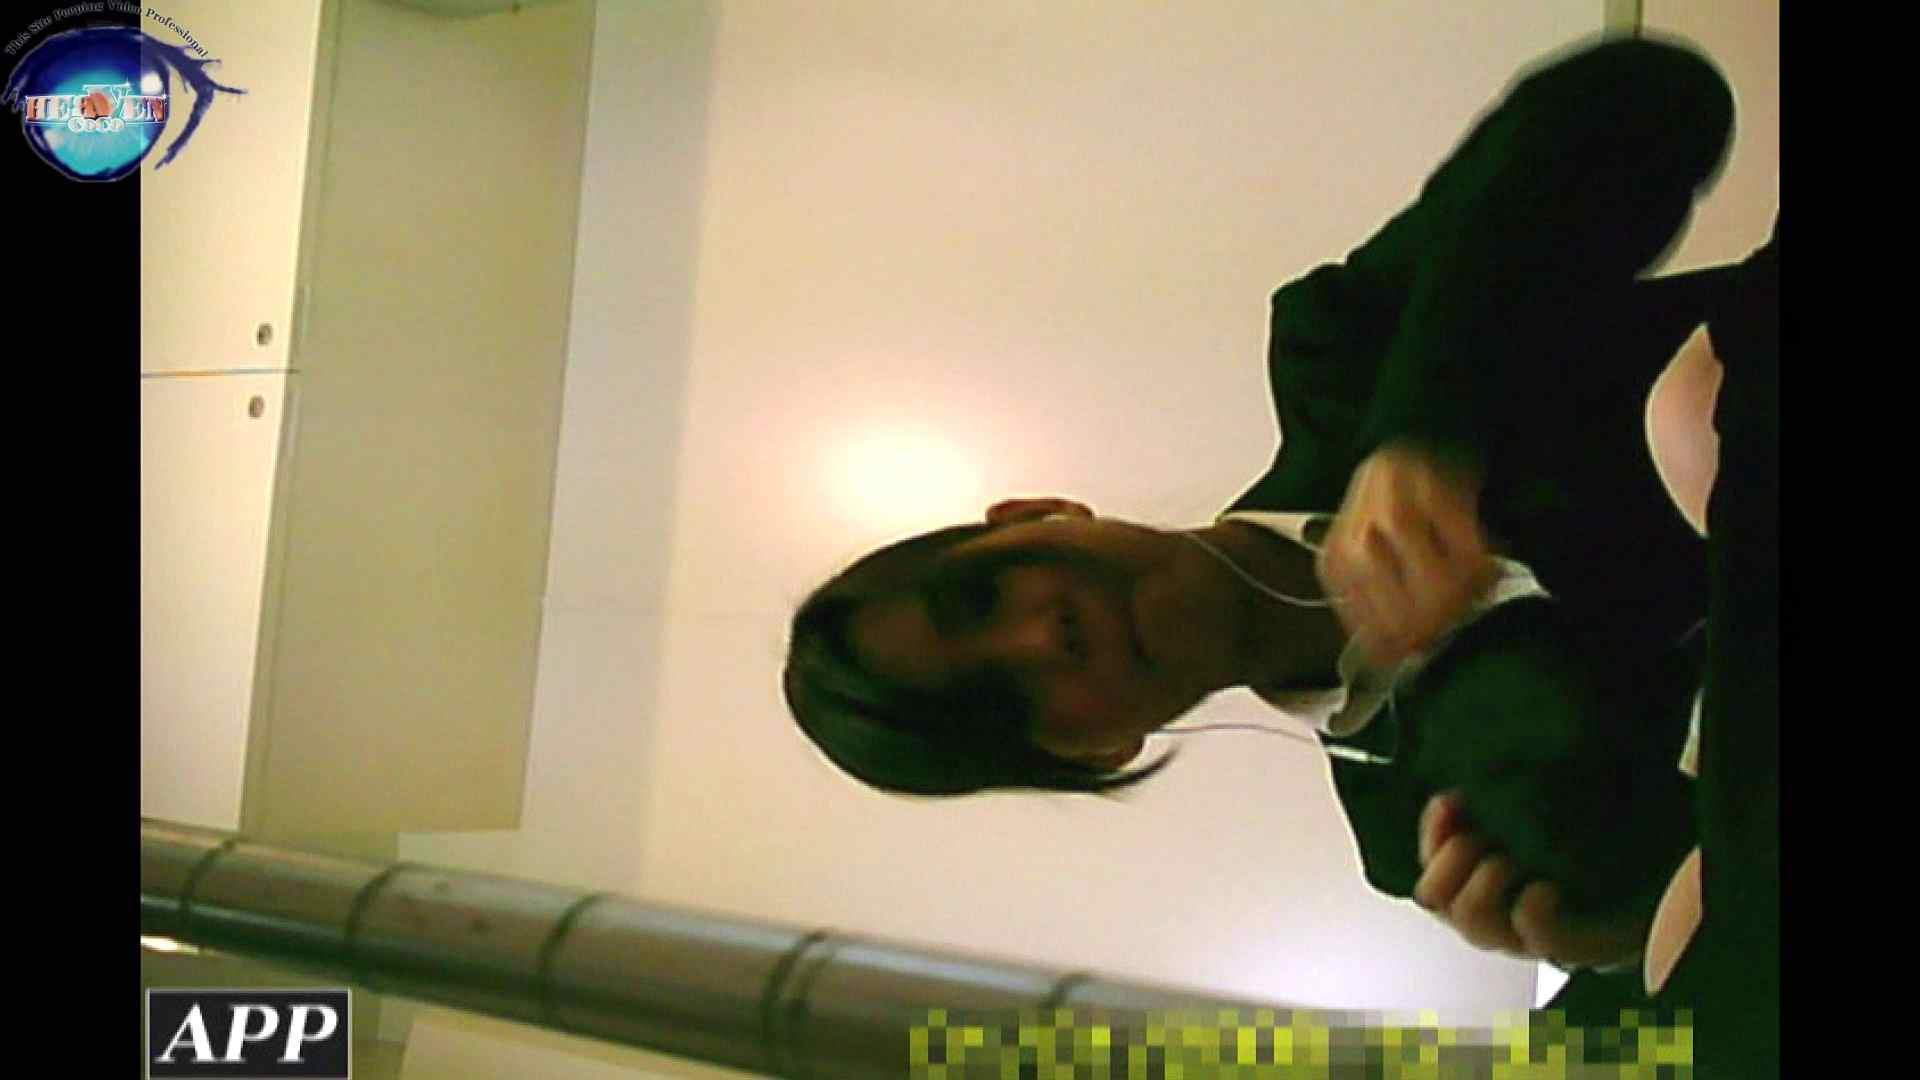 三つ目で盗撮 vol.10 盗撮師作品 のぞき動画画像 74pic 28